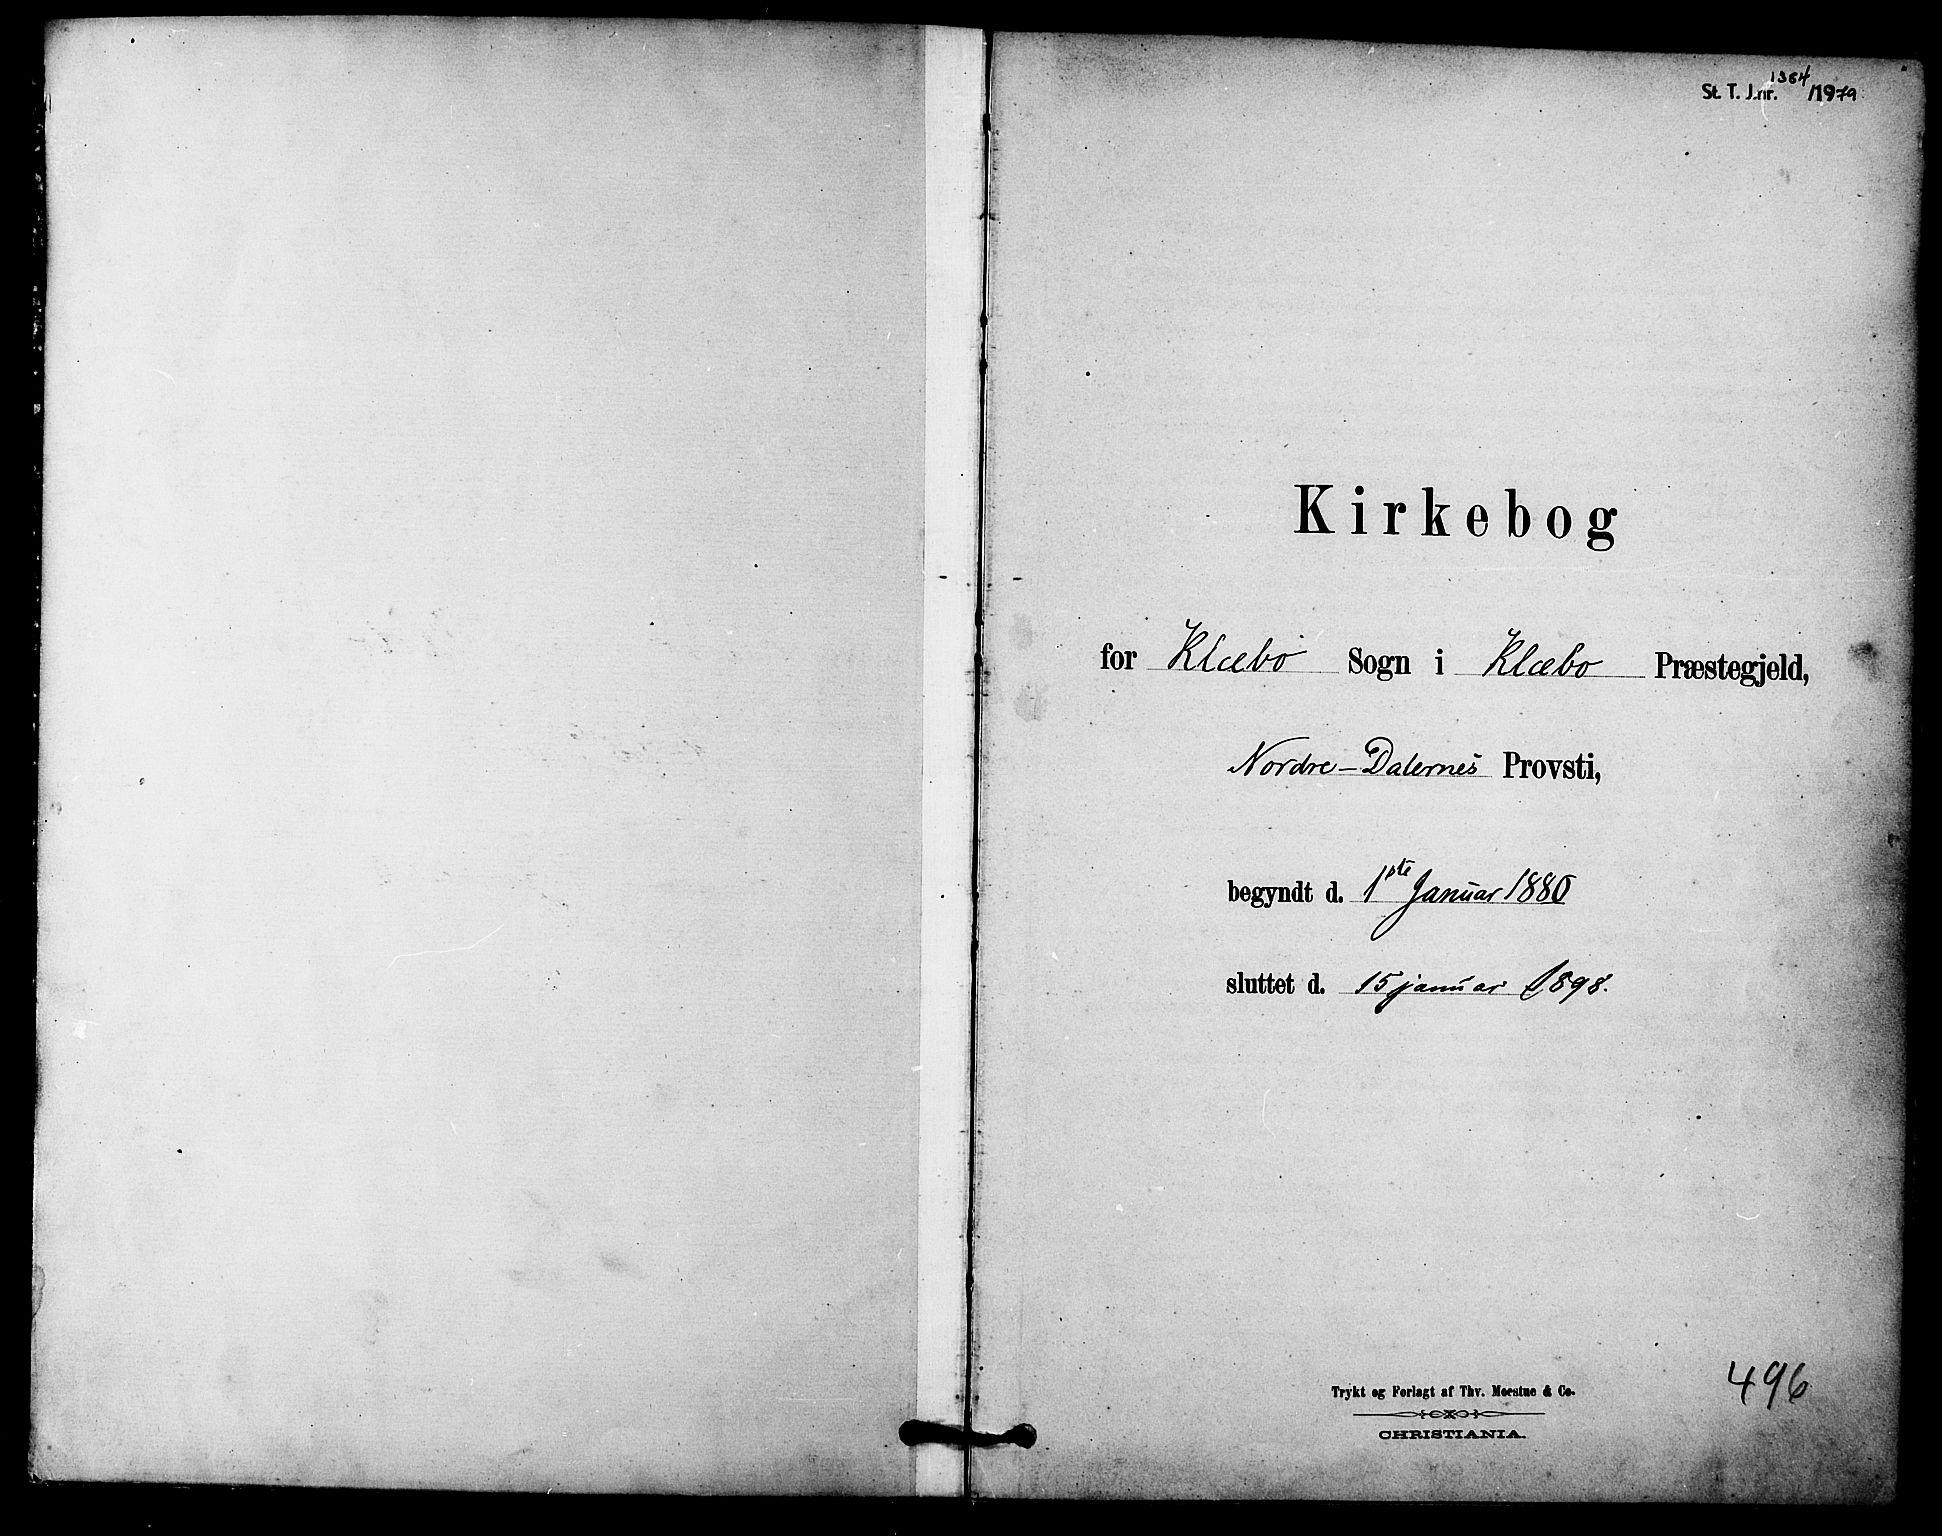 SAT, Ministerialprotokoller, klokkerbøker og fødselsregistre - Sør-Trøndelag, 618/L0444: Ministerialbok nr. 618A07, 1880-1898